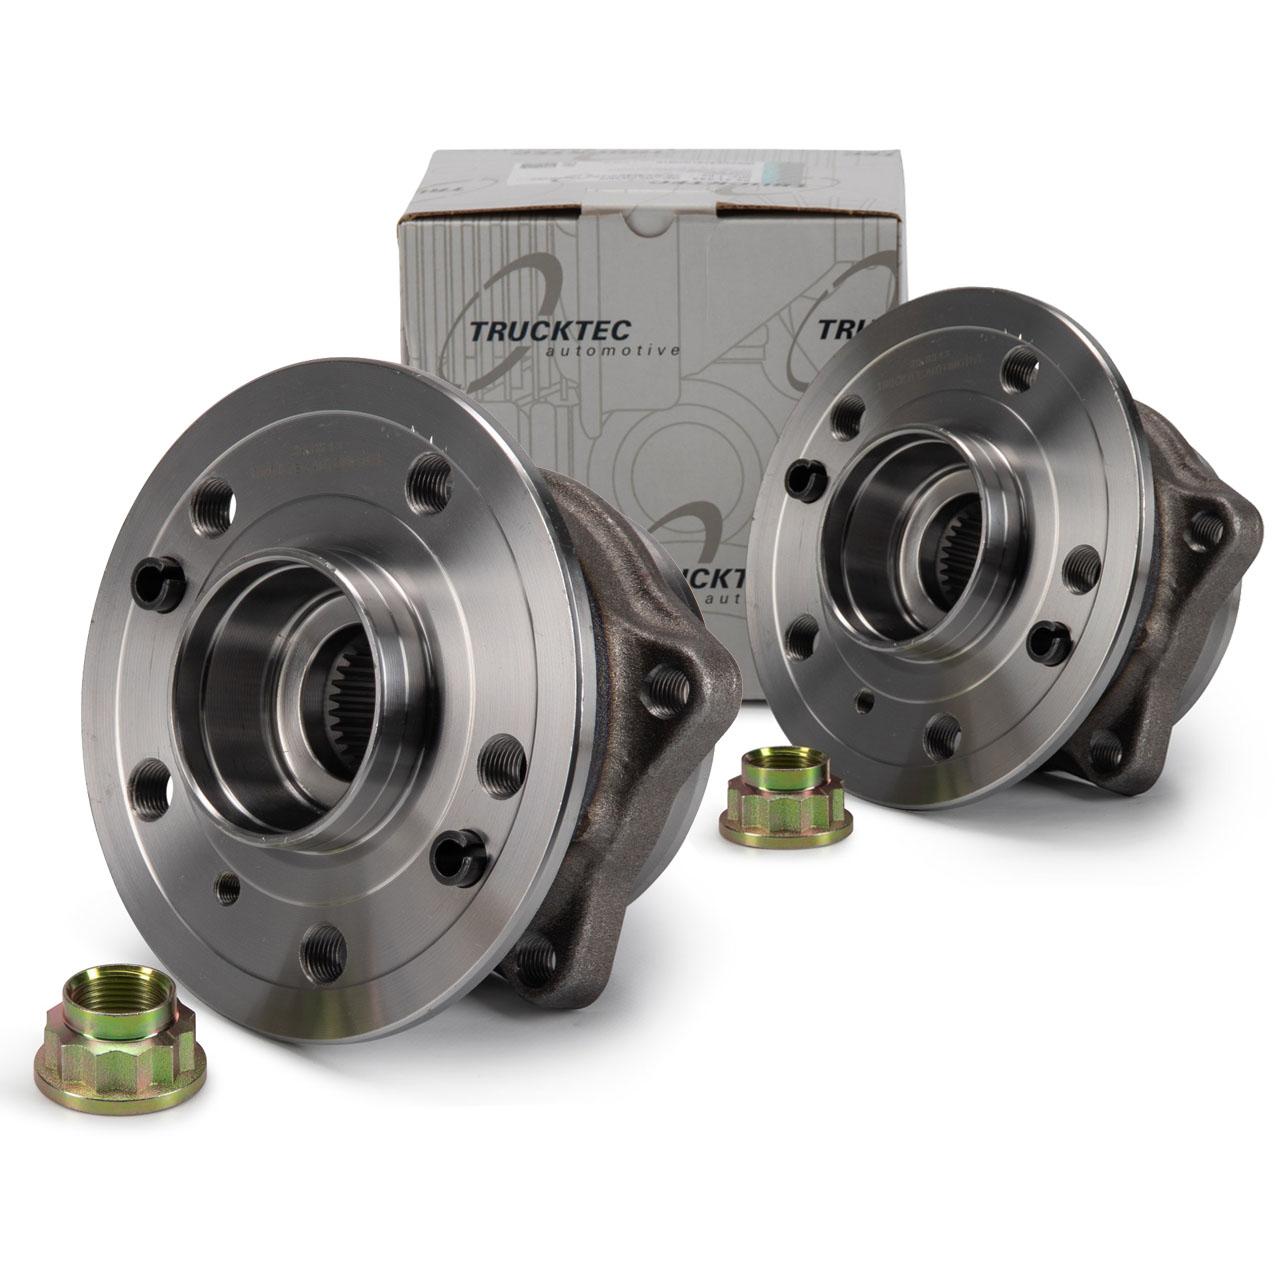 2x TRUCKTEC Radnabe MERCEDES GL GLS X166 M GLE W166 C292 vorne 1663340206